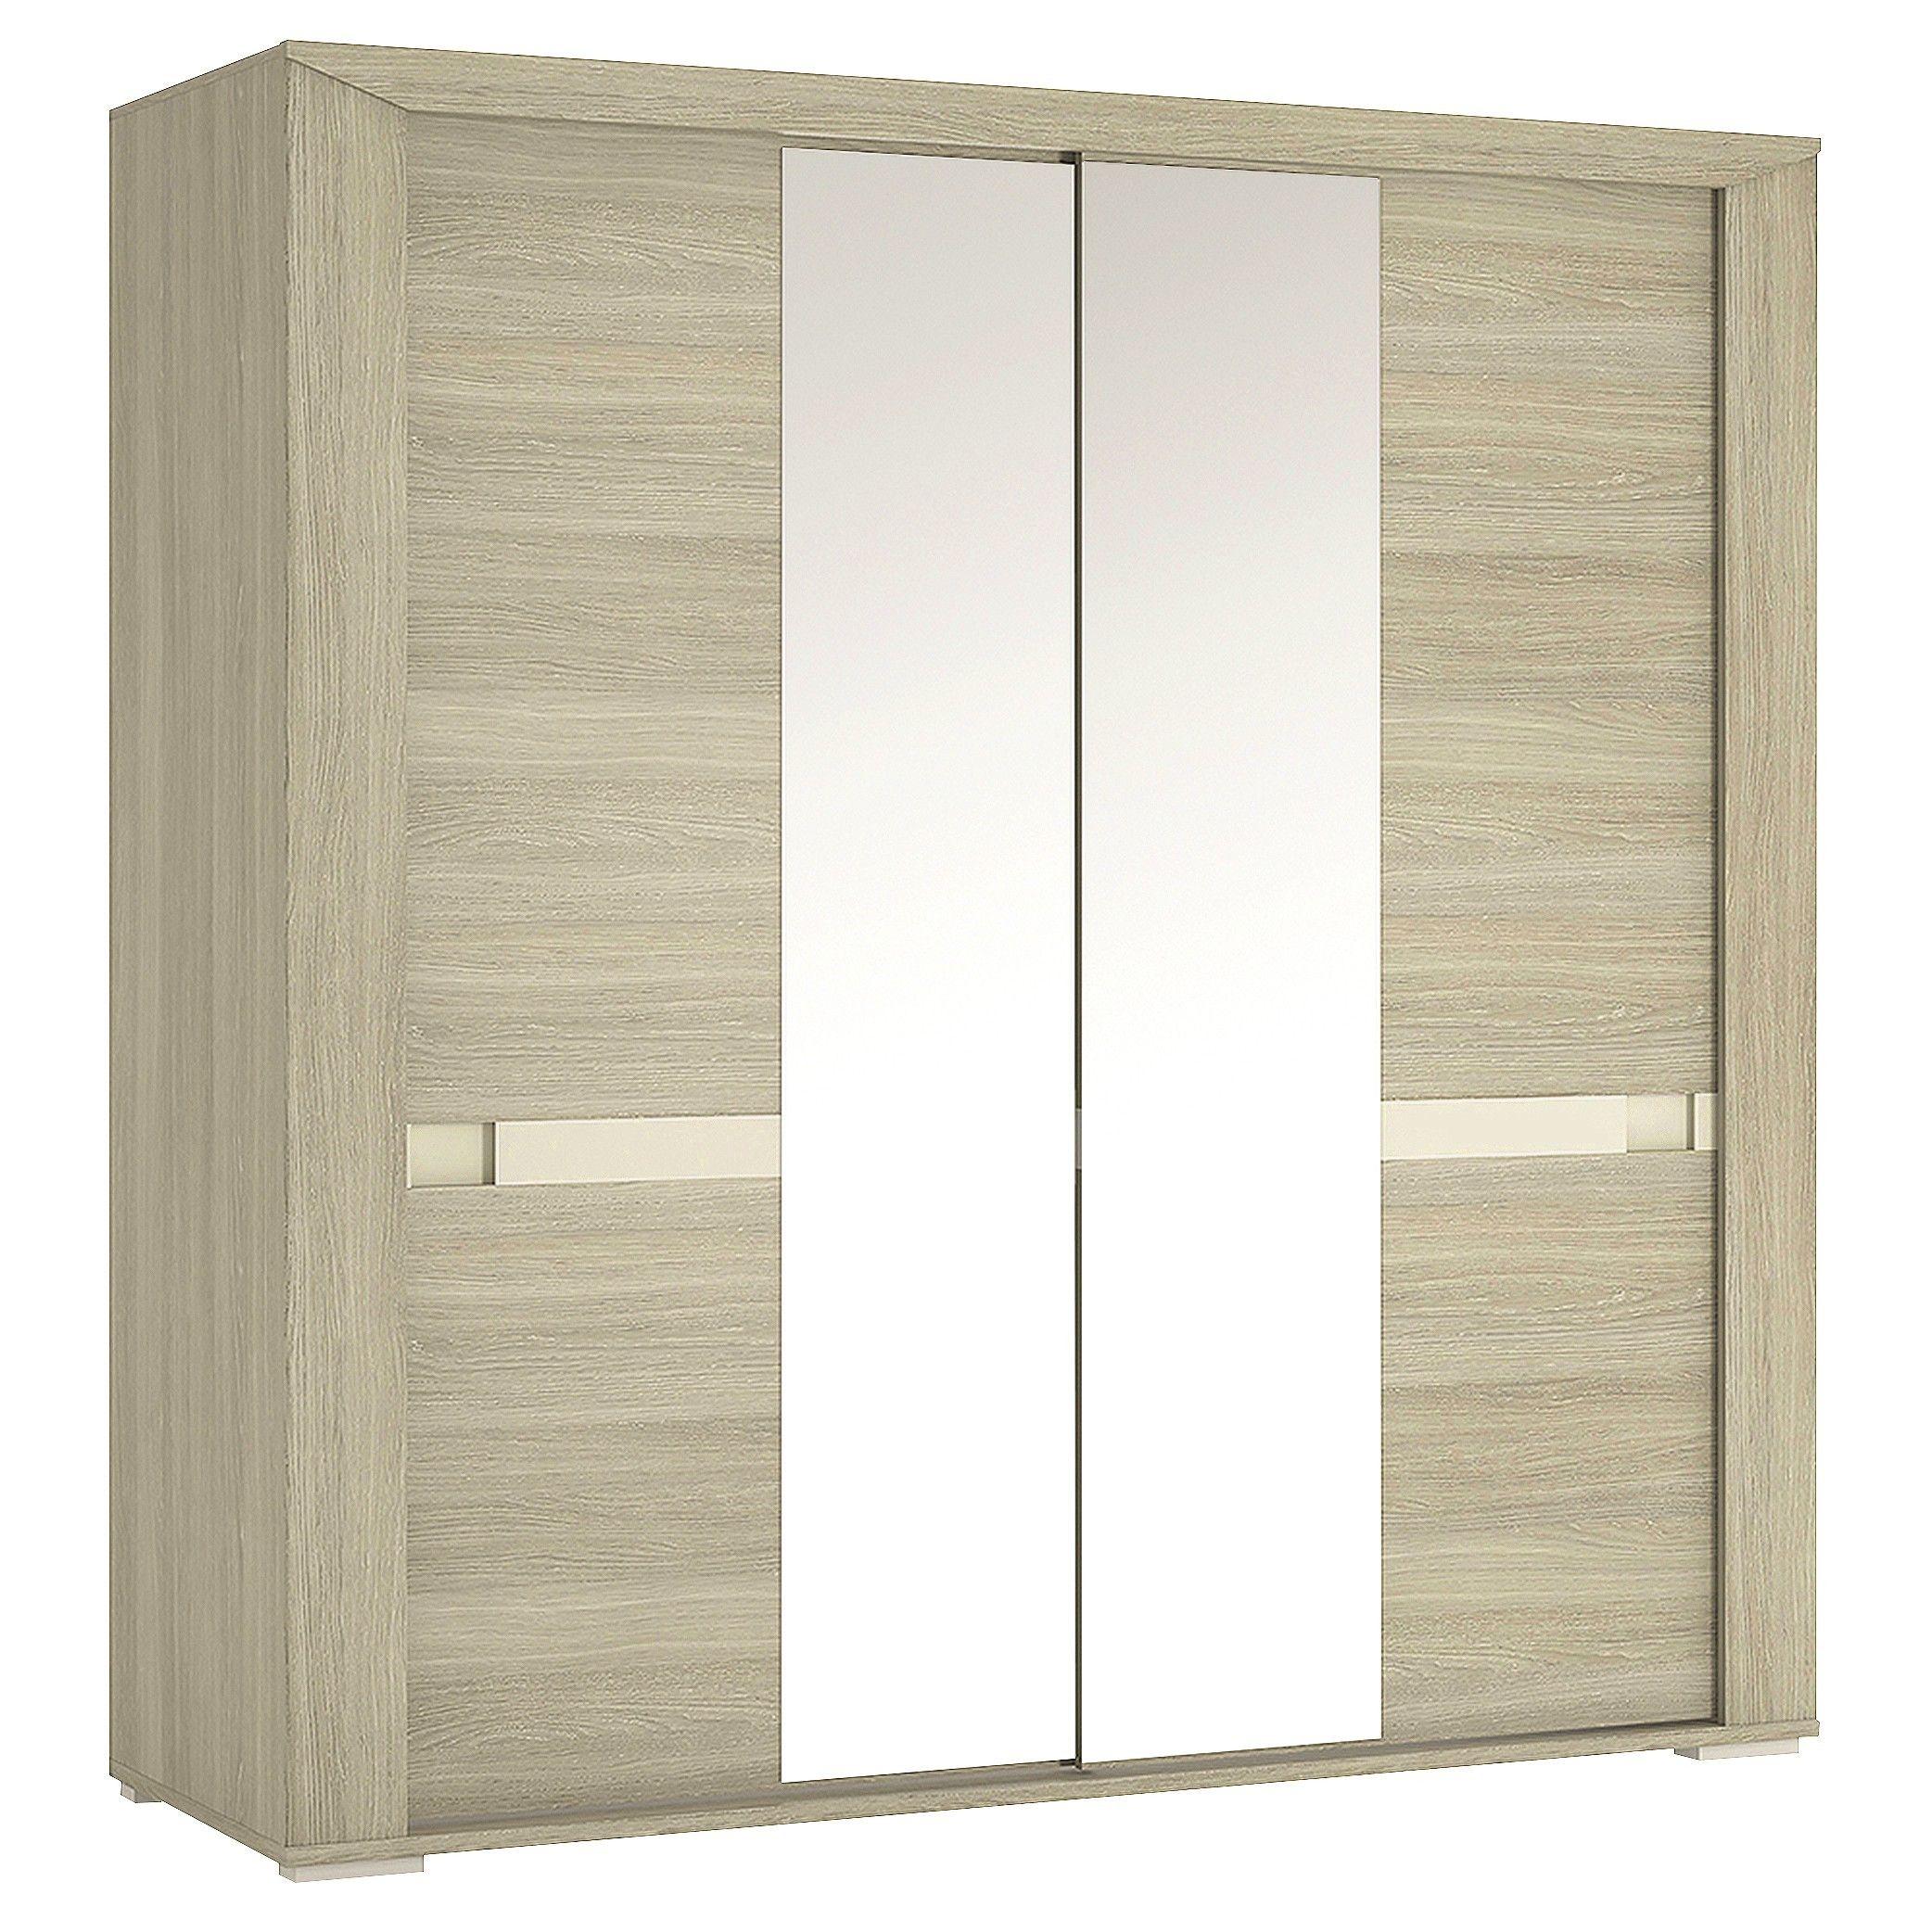 Madras cm sliding door wardrobe with mirror doors in champagne